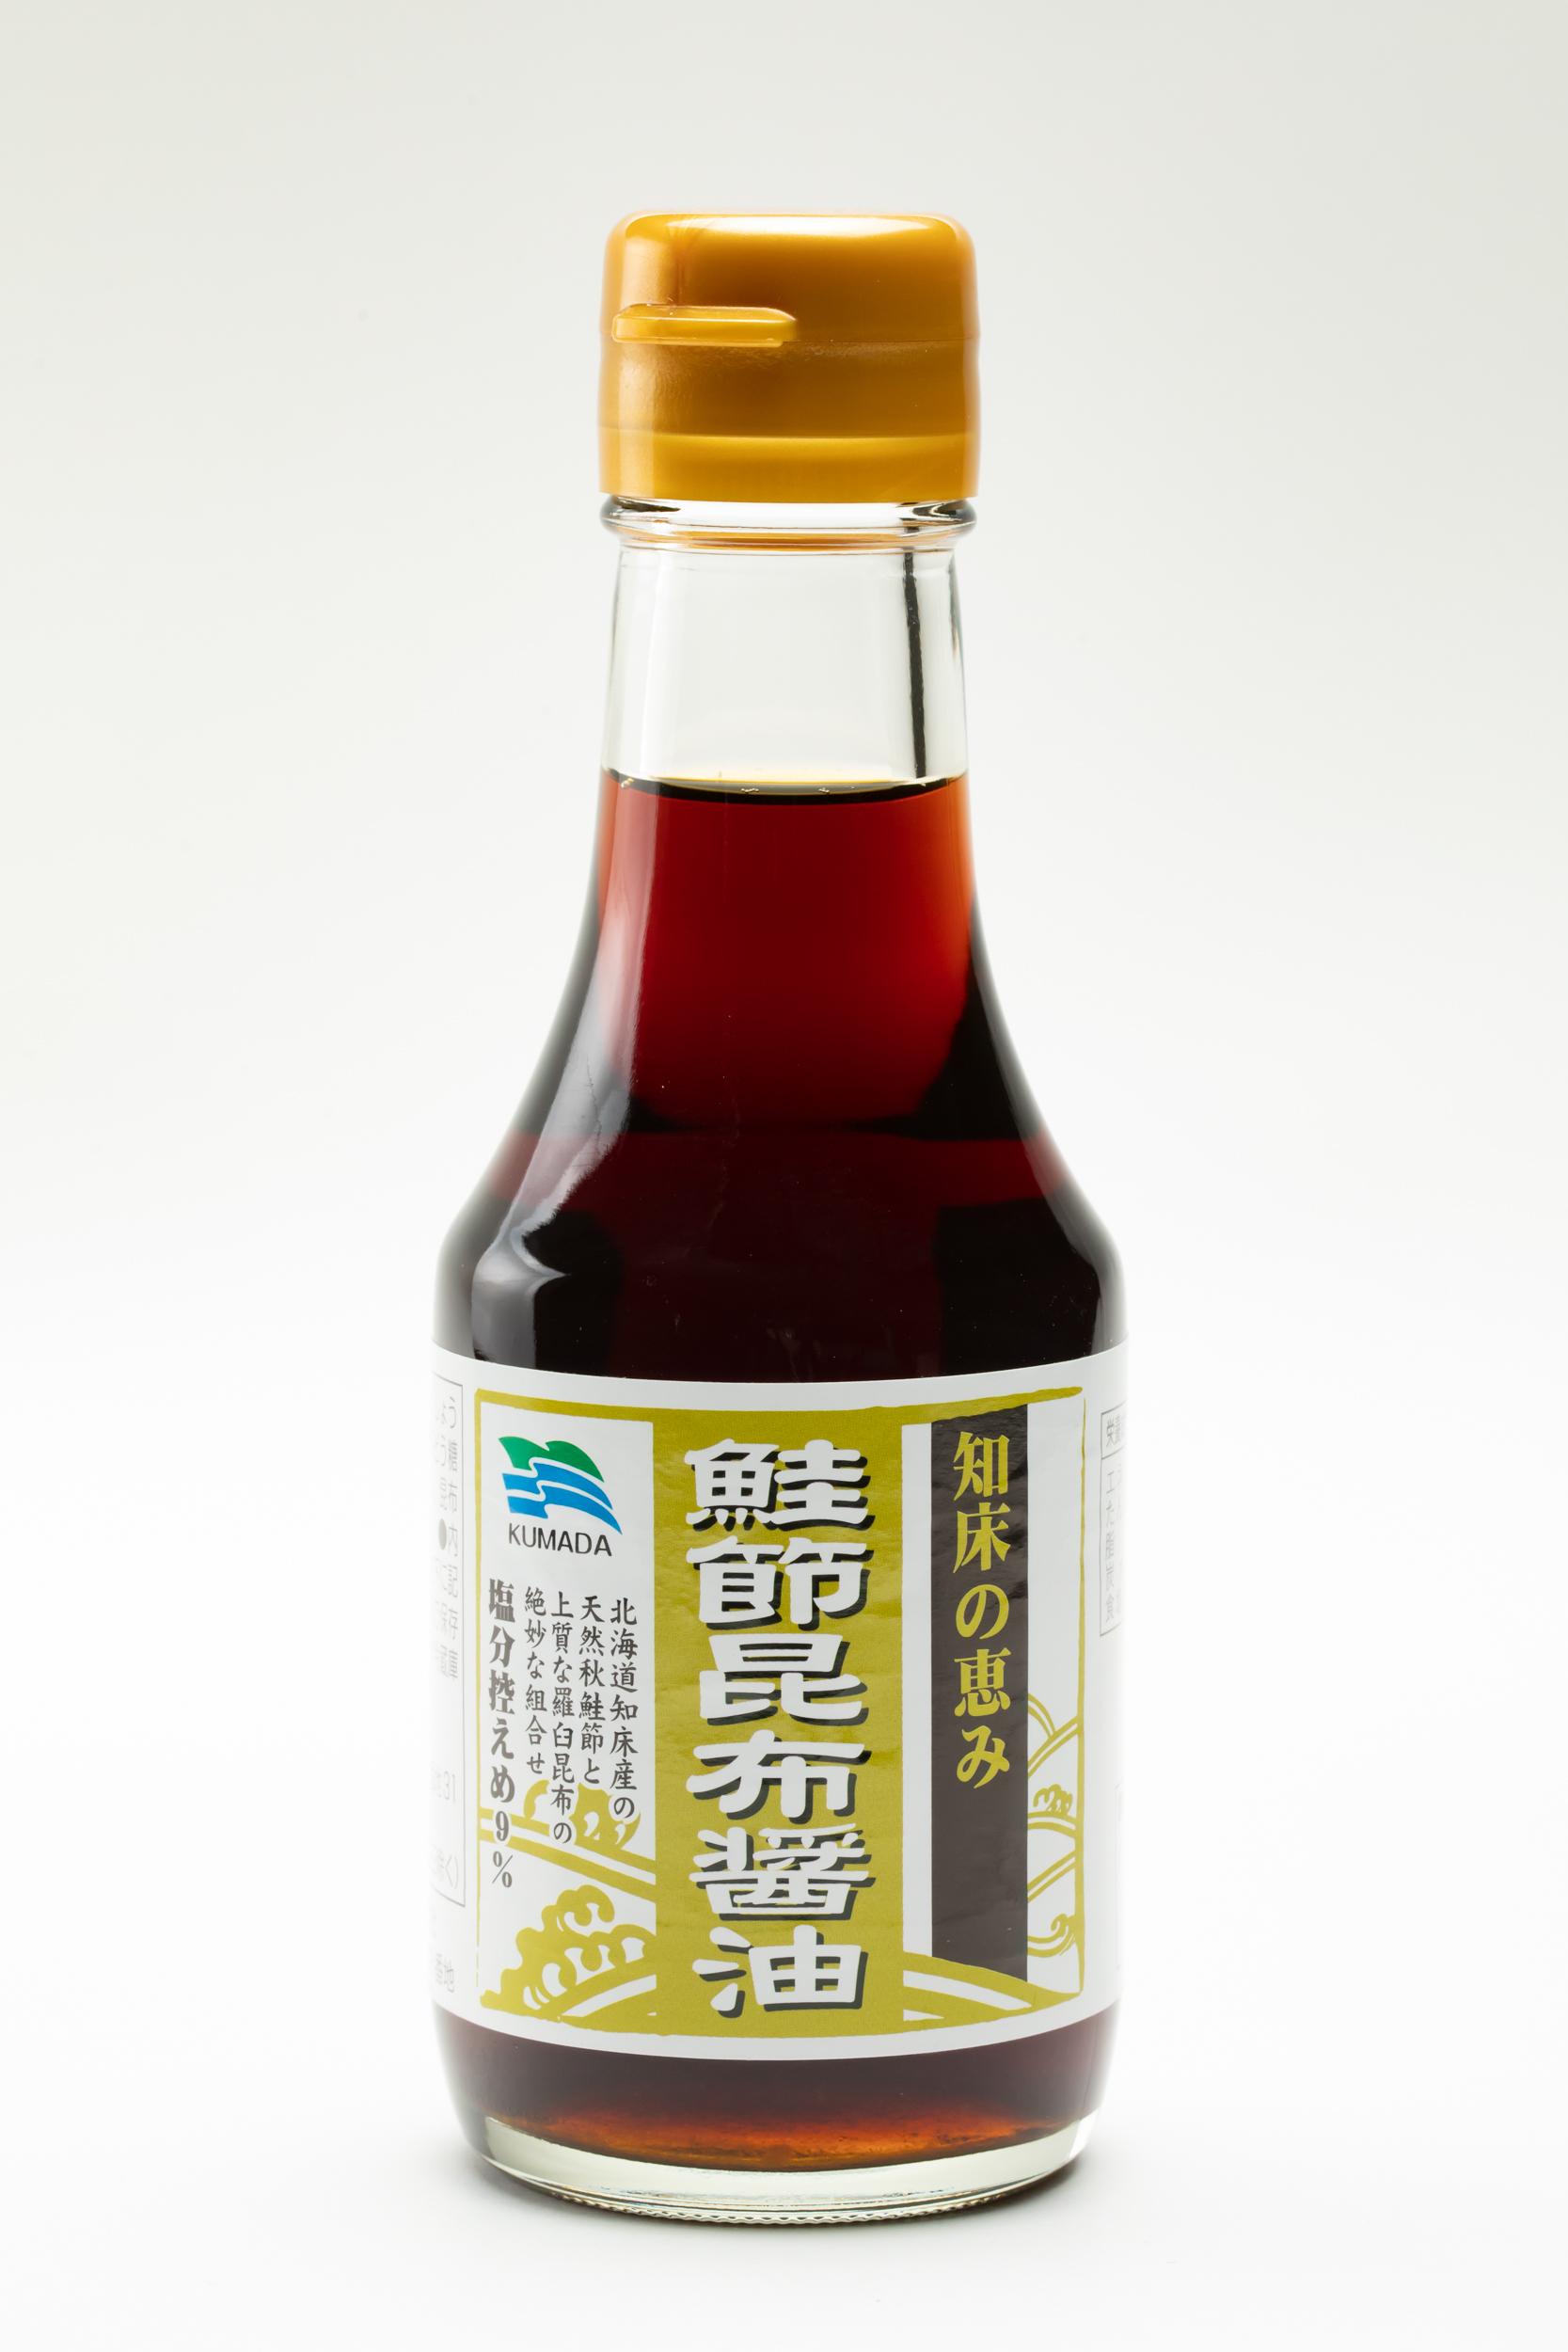 くまだ様 知床の恵み 鮭節昆布醤油150ml